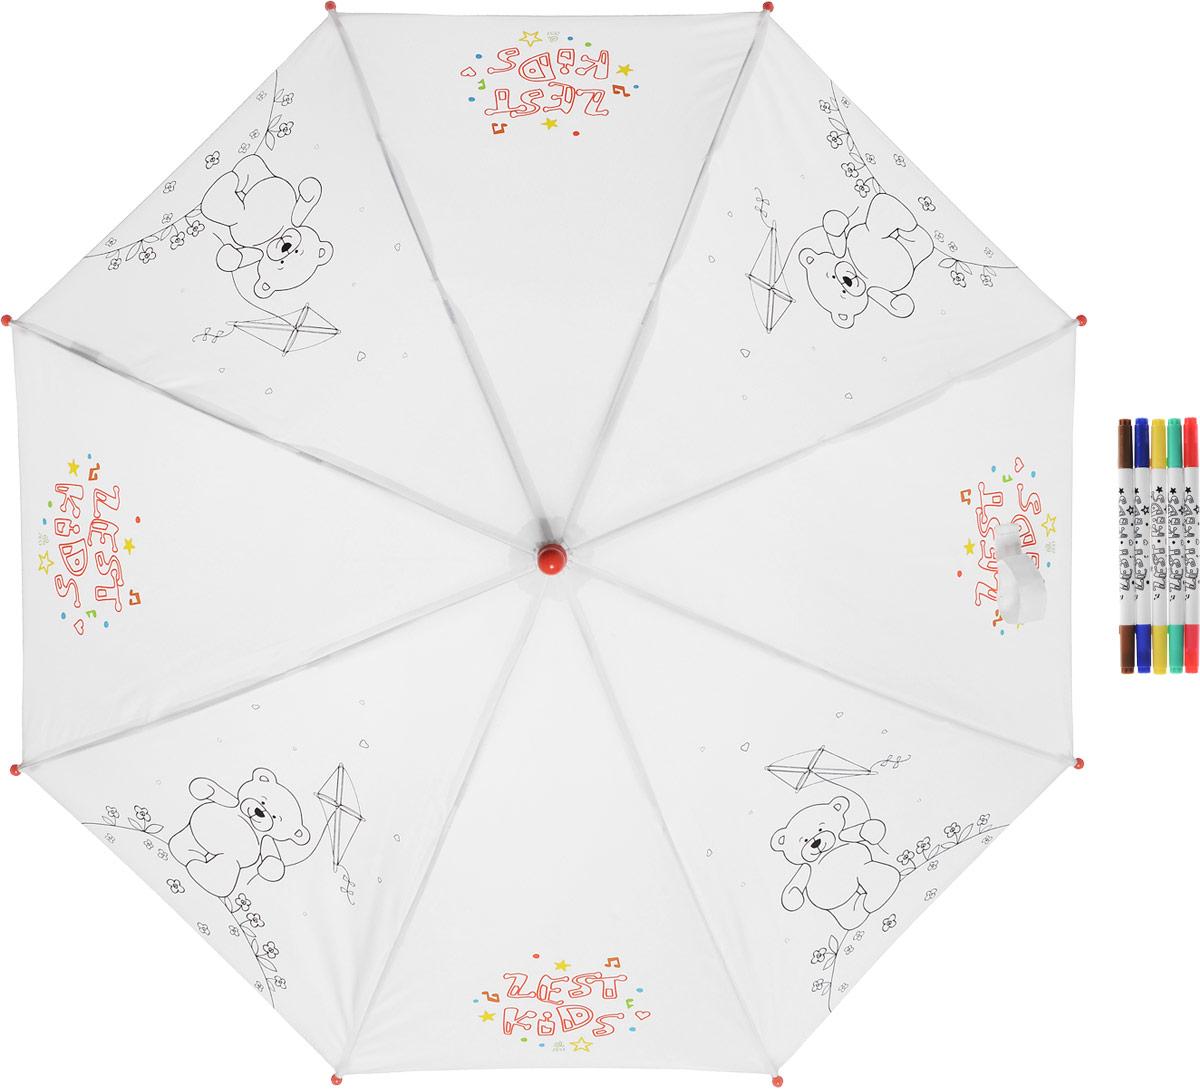 Зонт детский Zest, механический, трость, цвет: белый, черный. 21581-25421581-254Детский зонт-трость РАСКРАСКА с фломастерами в комплекте. Зонт-раскраска будет притным подарком, который не только защитит малыша от непогоды, но и даст возможность стать настоящим маленьким художником.